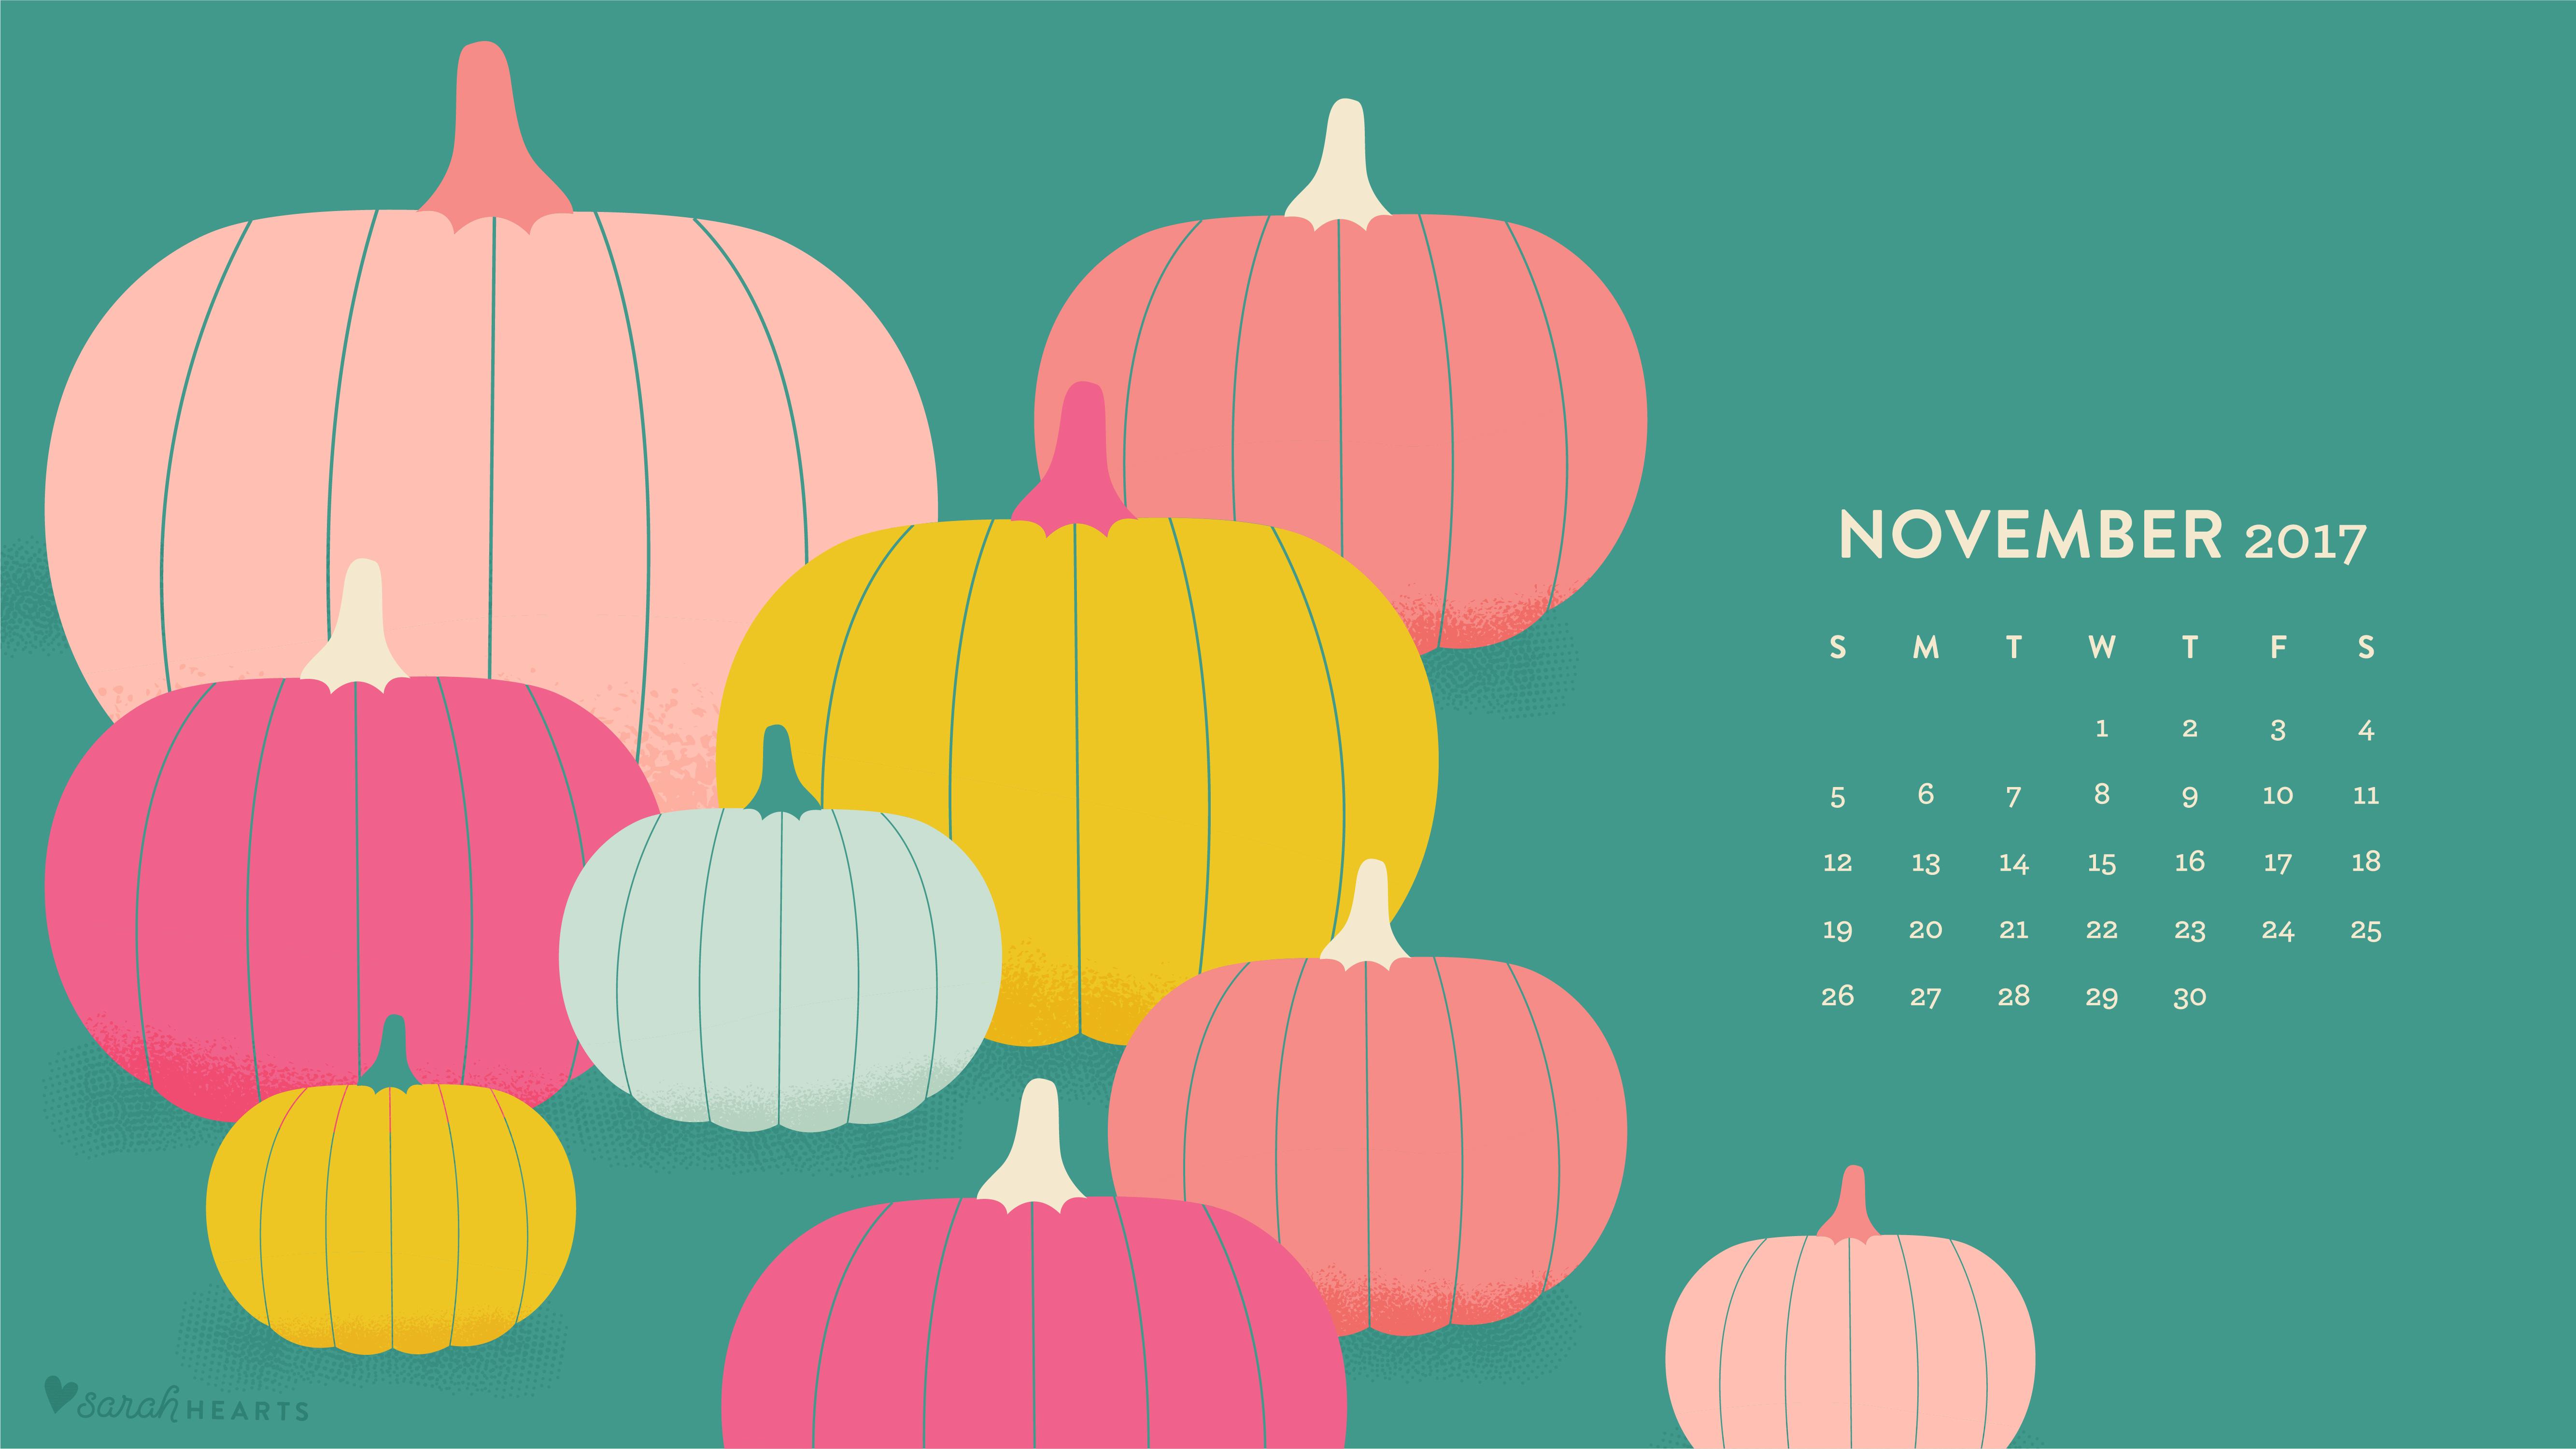 Fall Desktop Wallpaper Pinterest November 2017 Pumpkin Calendar Wallpaper Sarah Hearts